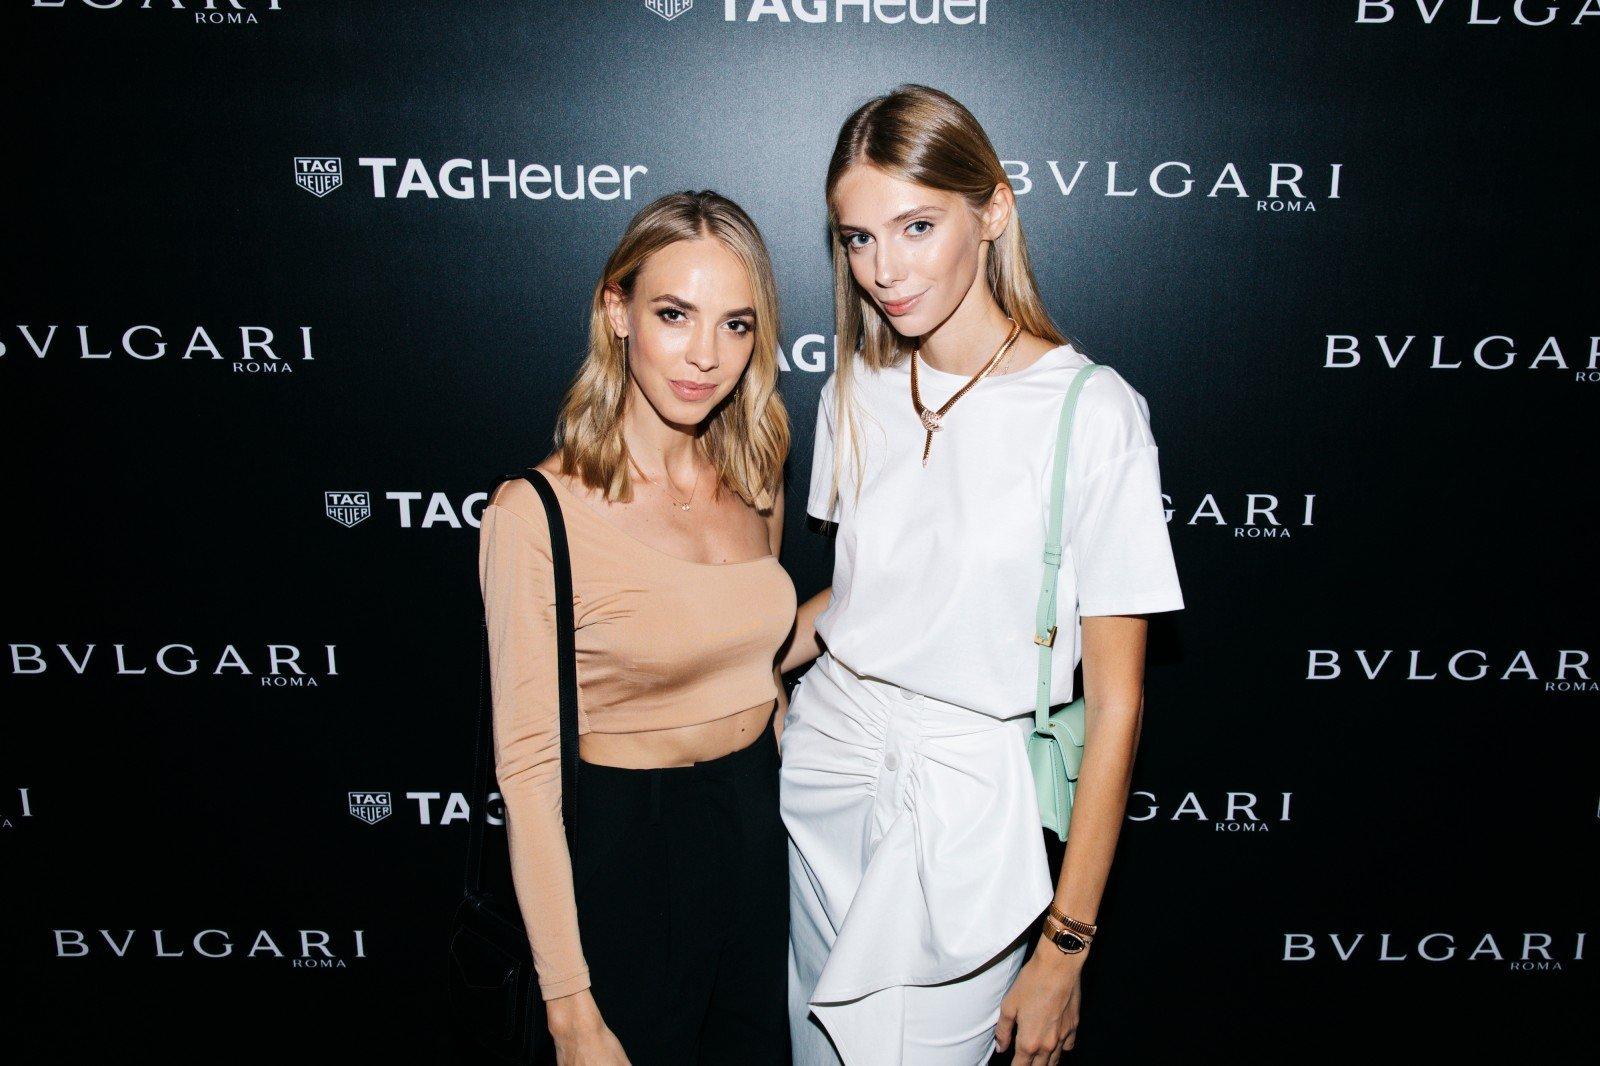 Светлана Ходченкова, Надежда Сысоева и другие звезды на открытии часовых бутиков  Bvlgari и TAG Heuer